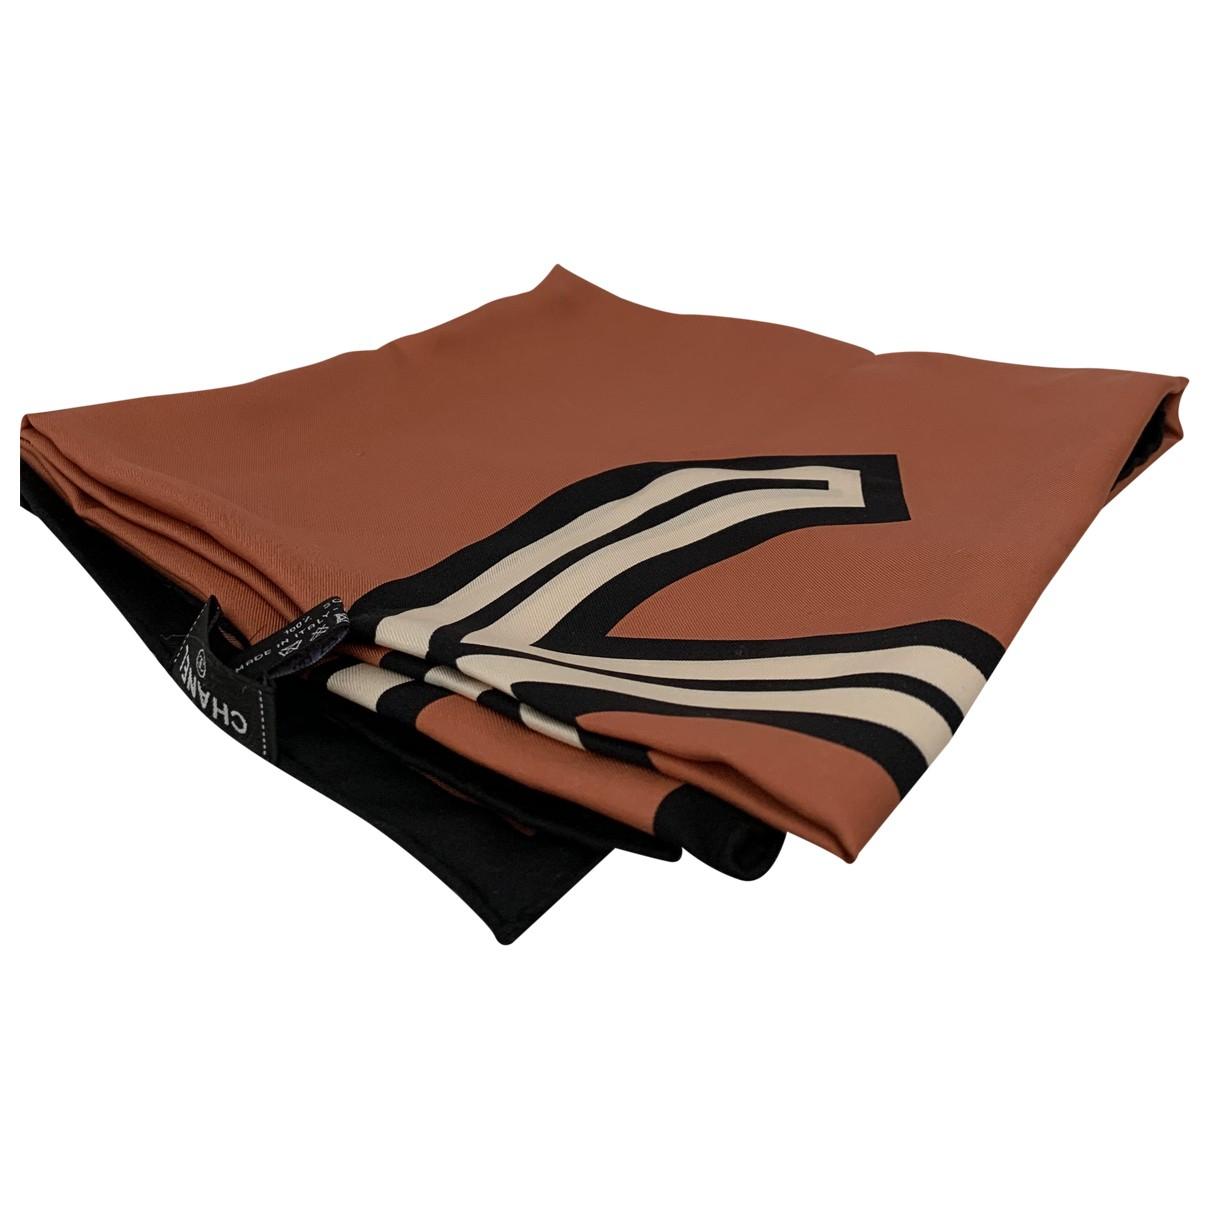 Chanel - Foulard   pour femme en soie - camel